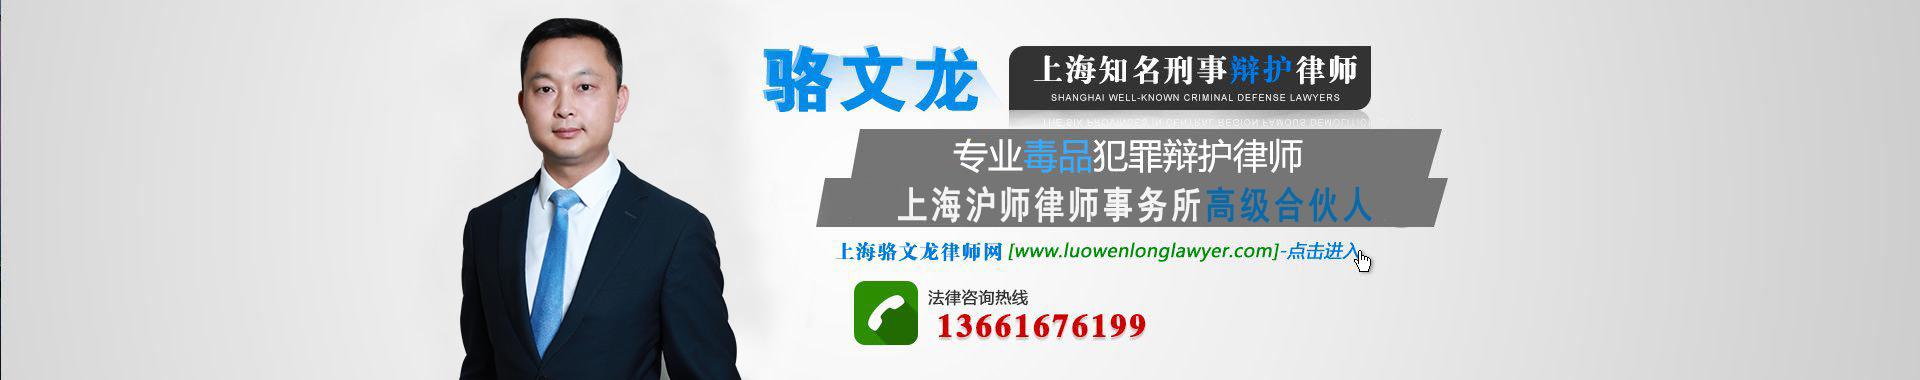 上海骆文龙律师网